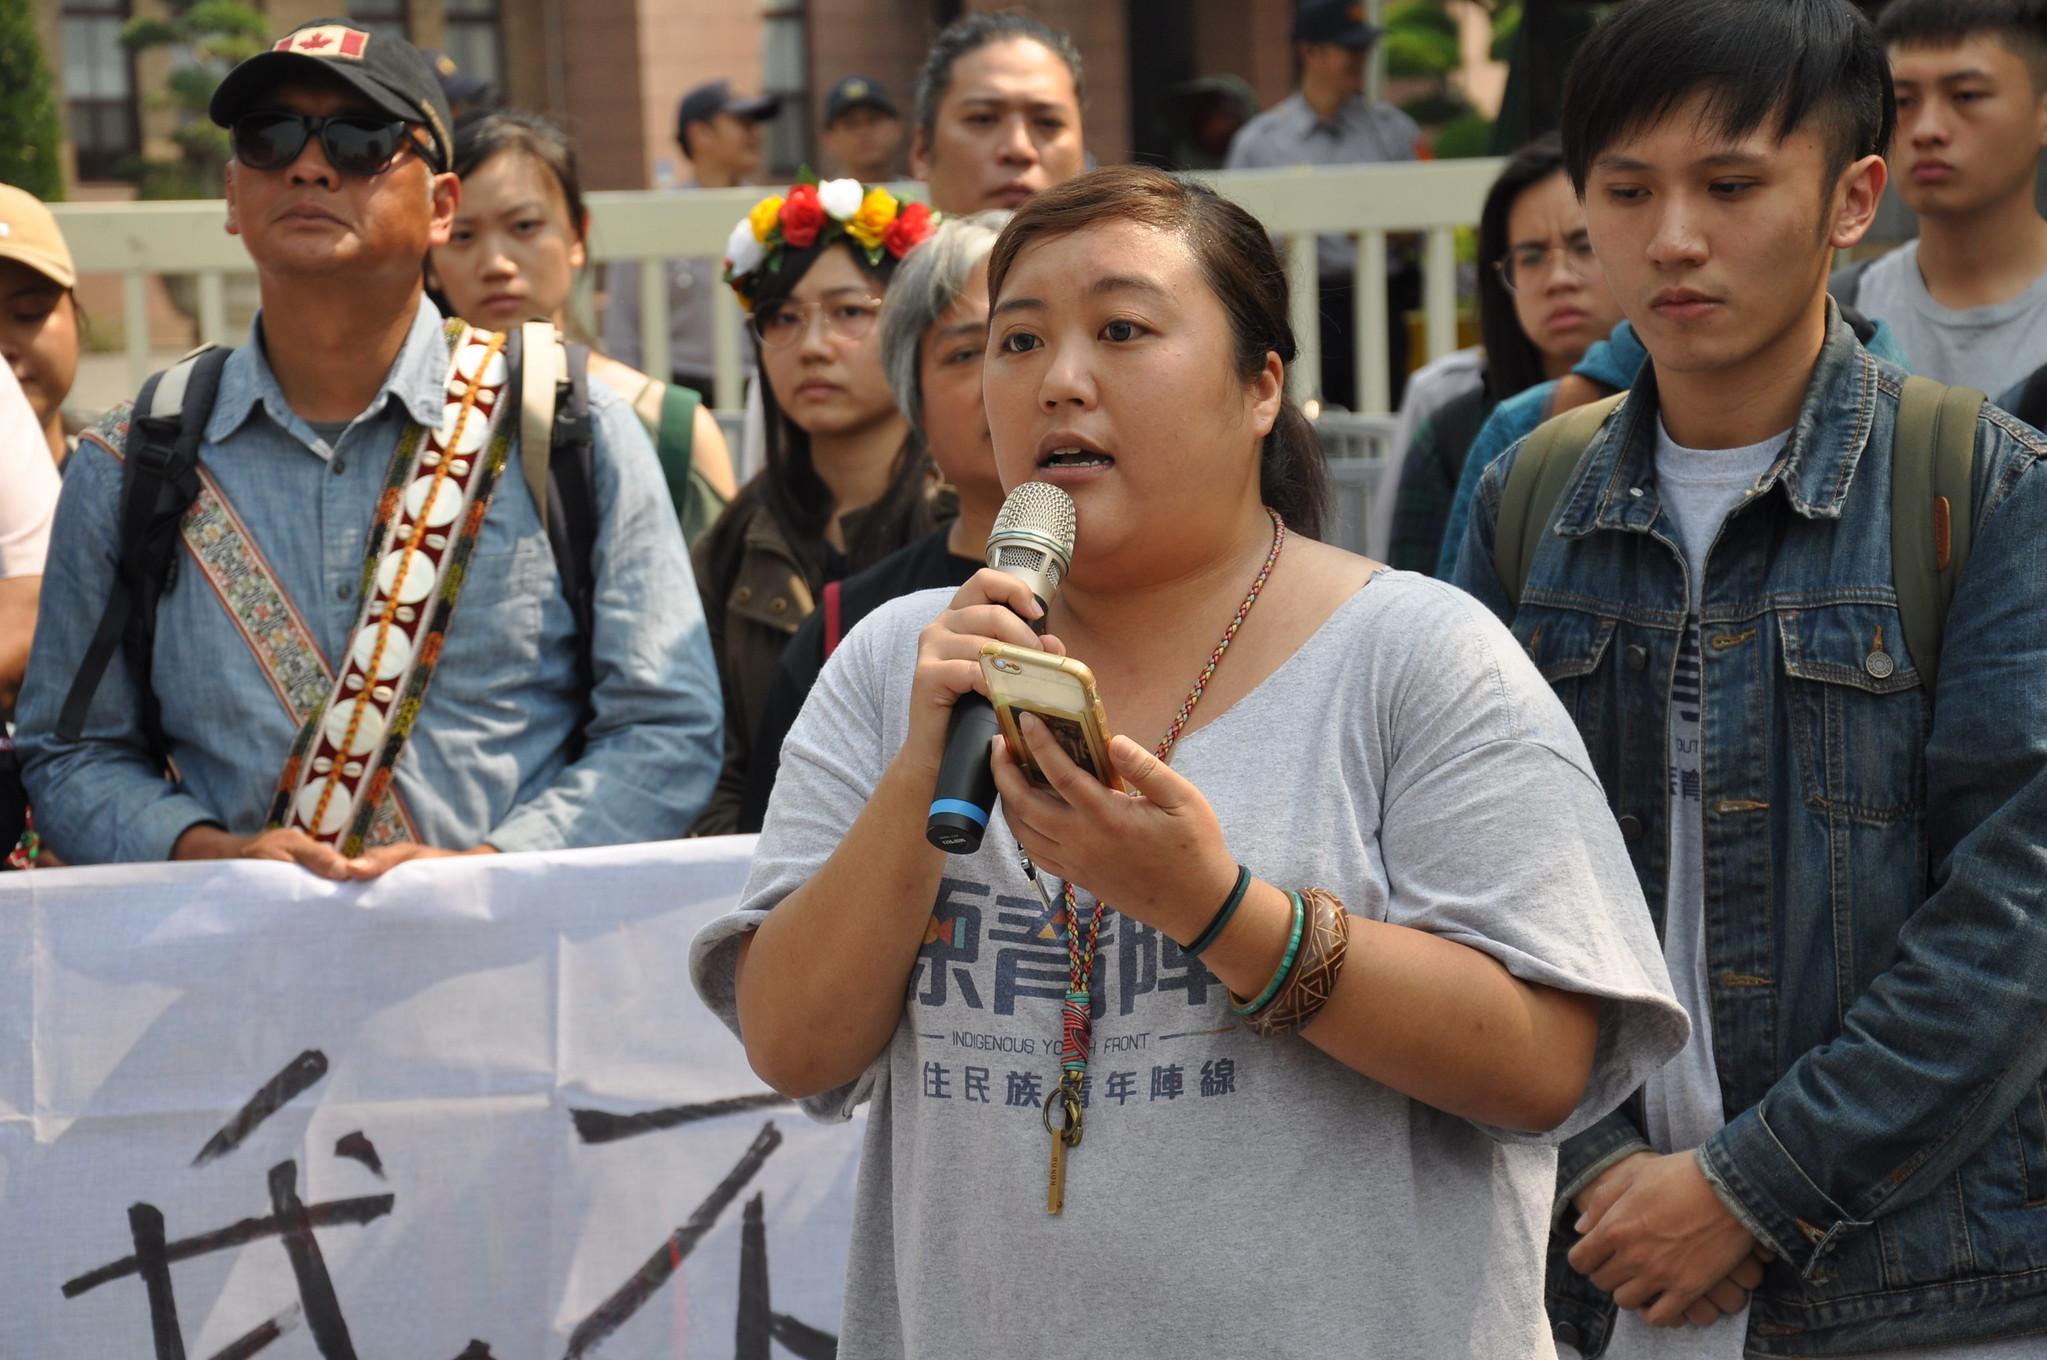 抗議現場有眾多民間團體到場聲援,圖為原住民青年陣線聯盟成員Savungaz。孫文臨攝